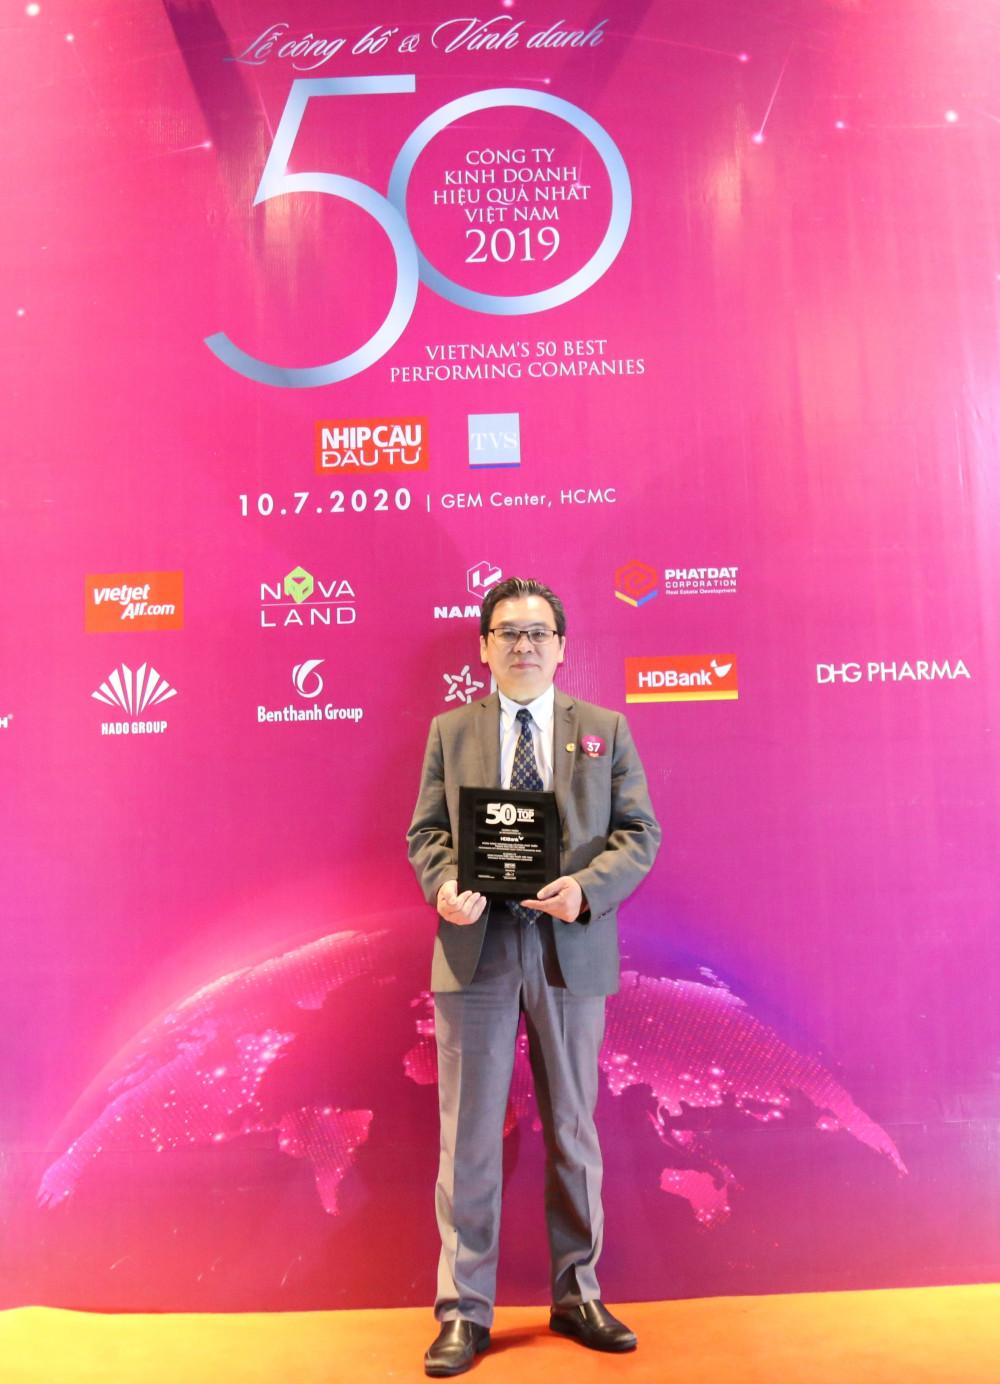 Ông Trần Hoài Phương - Giám đốc Khối KHDN, đại diện HDBank nhận danh hiệu Top những công ty kinh doanh hiệu quả nhất Việt Nam